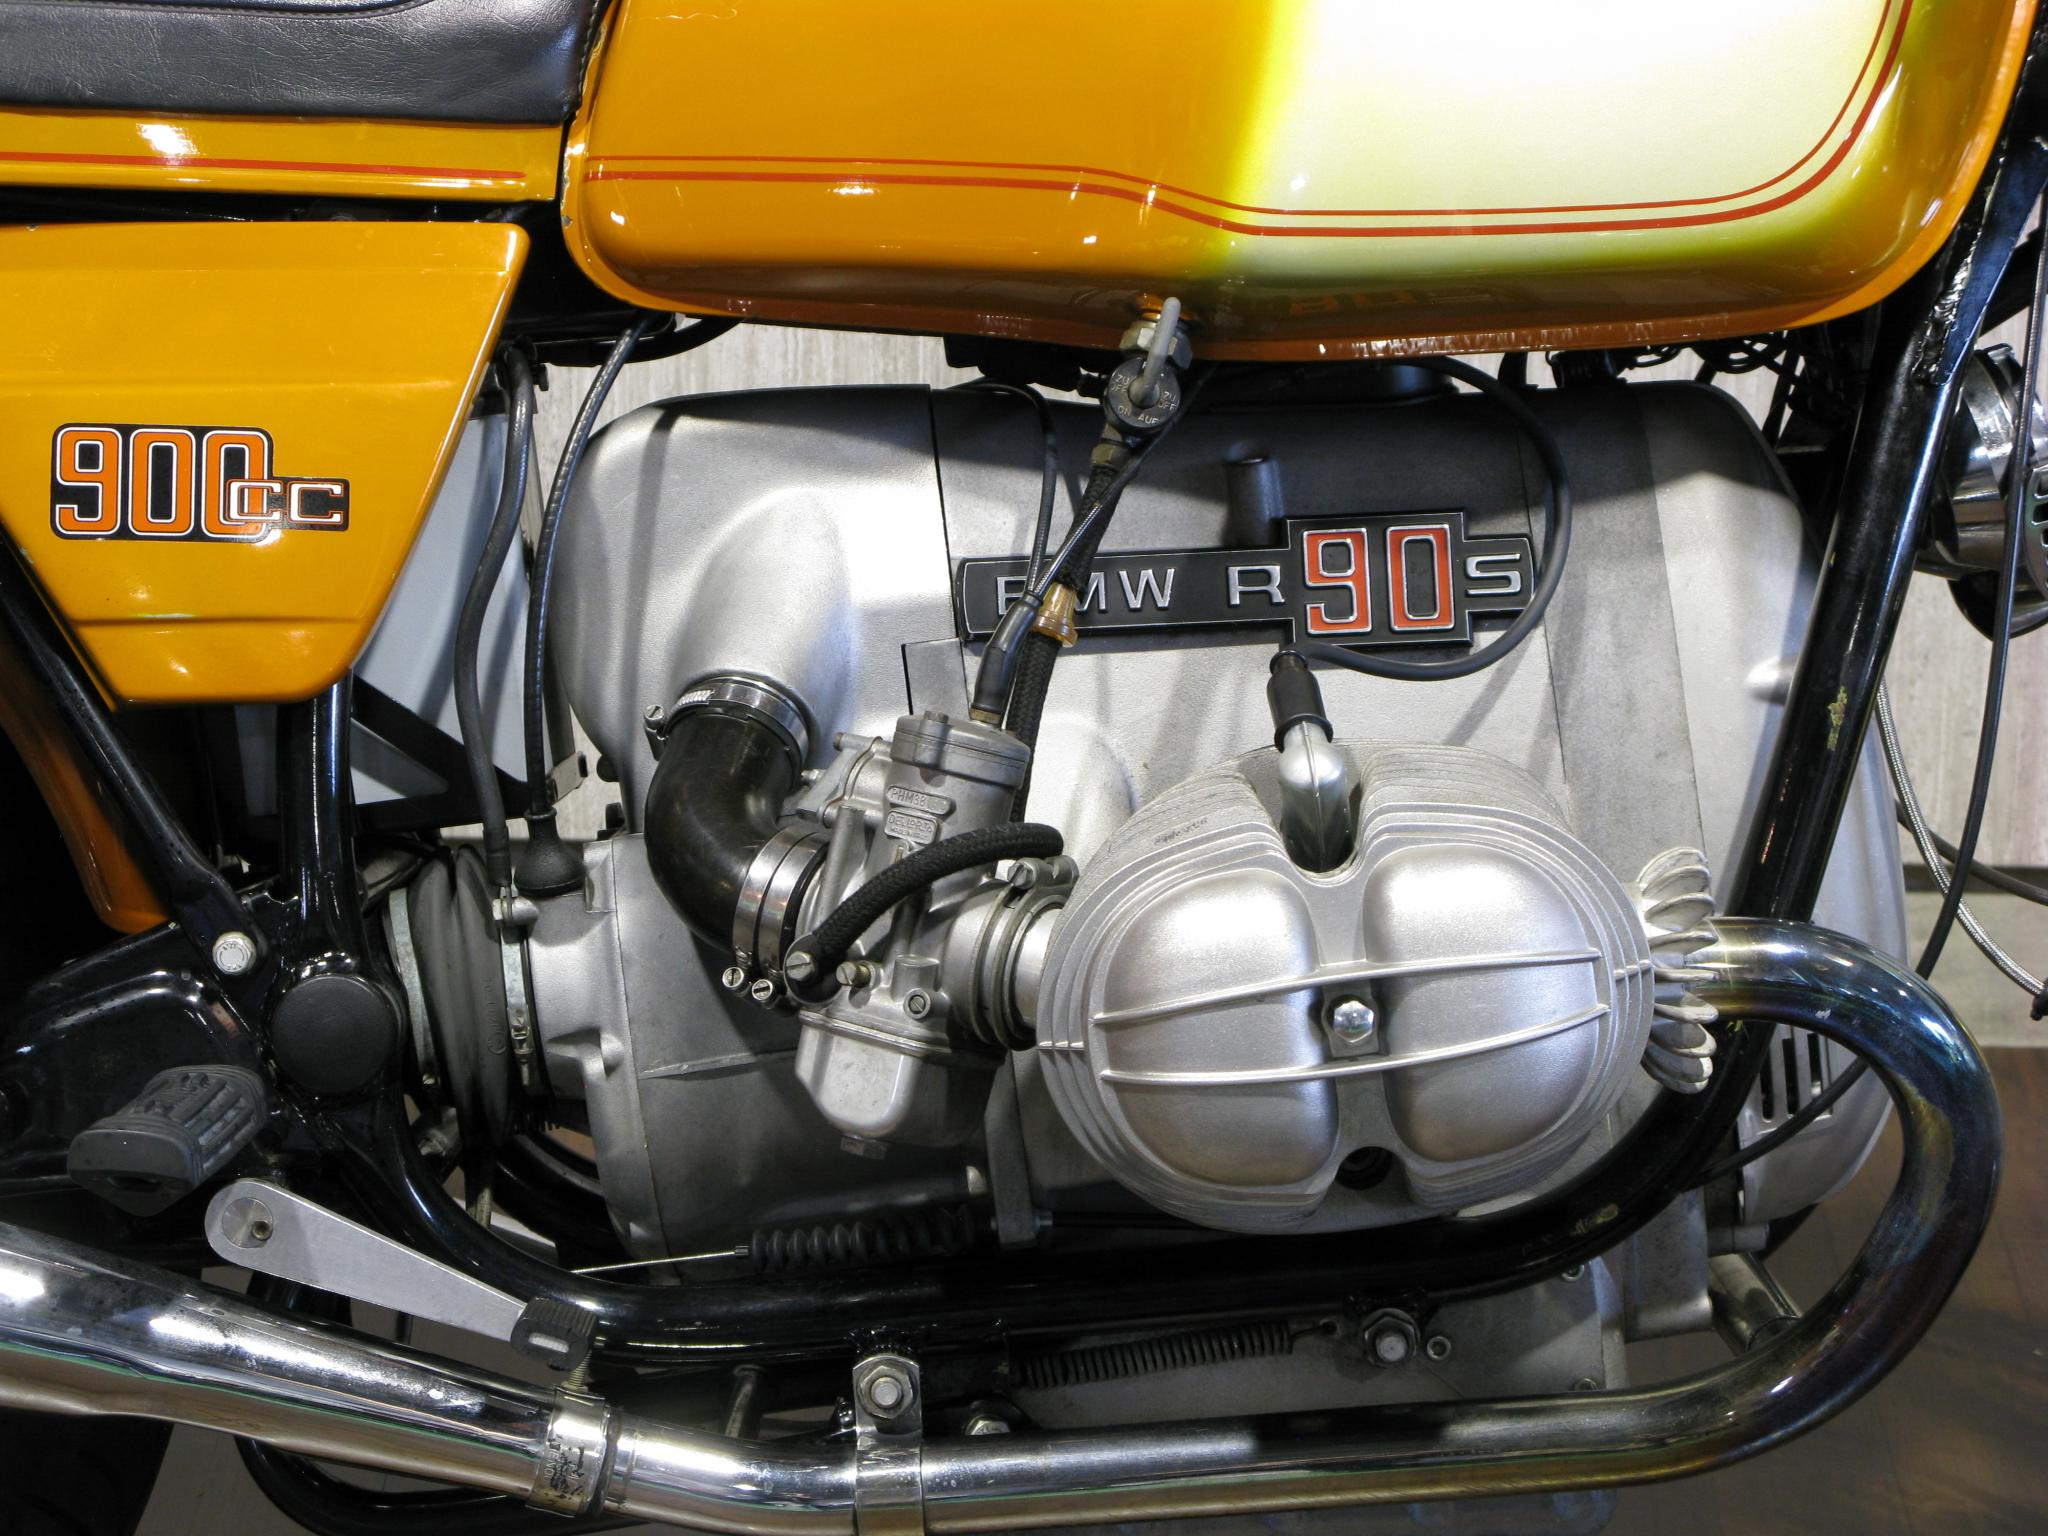 BMW 1976 BMW R90S 車体写真7